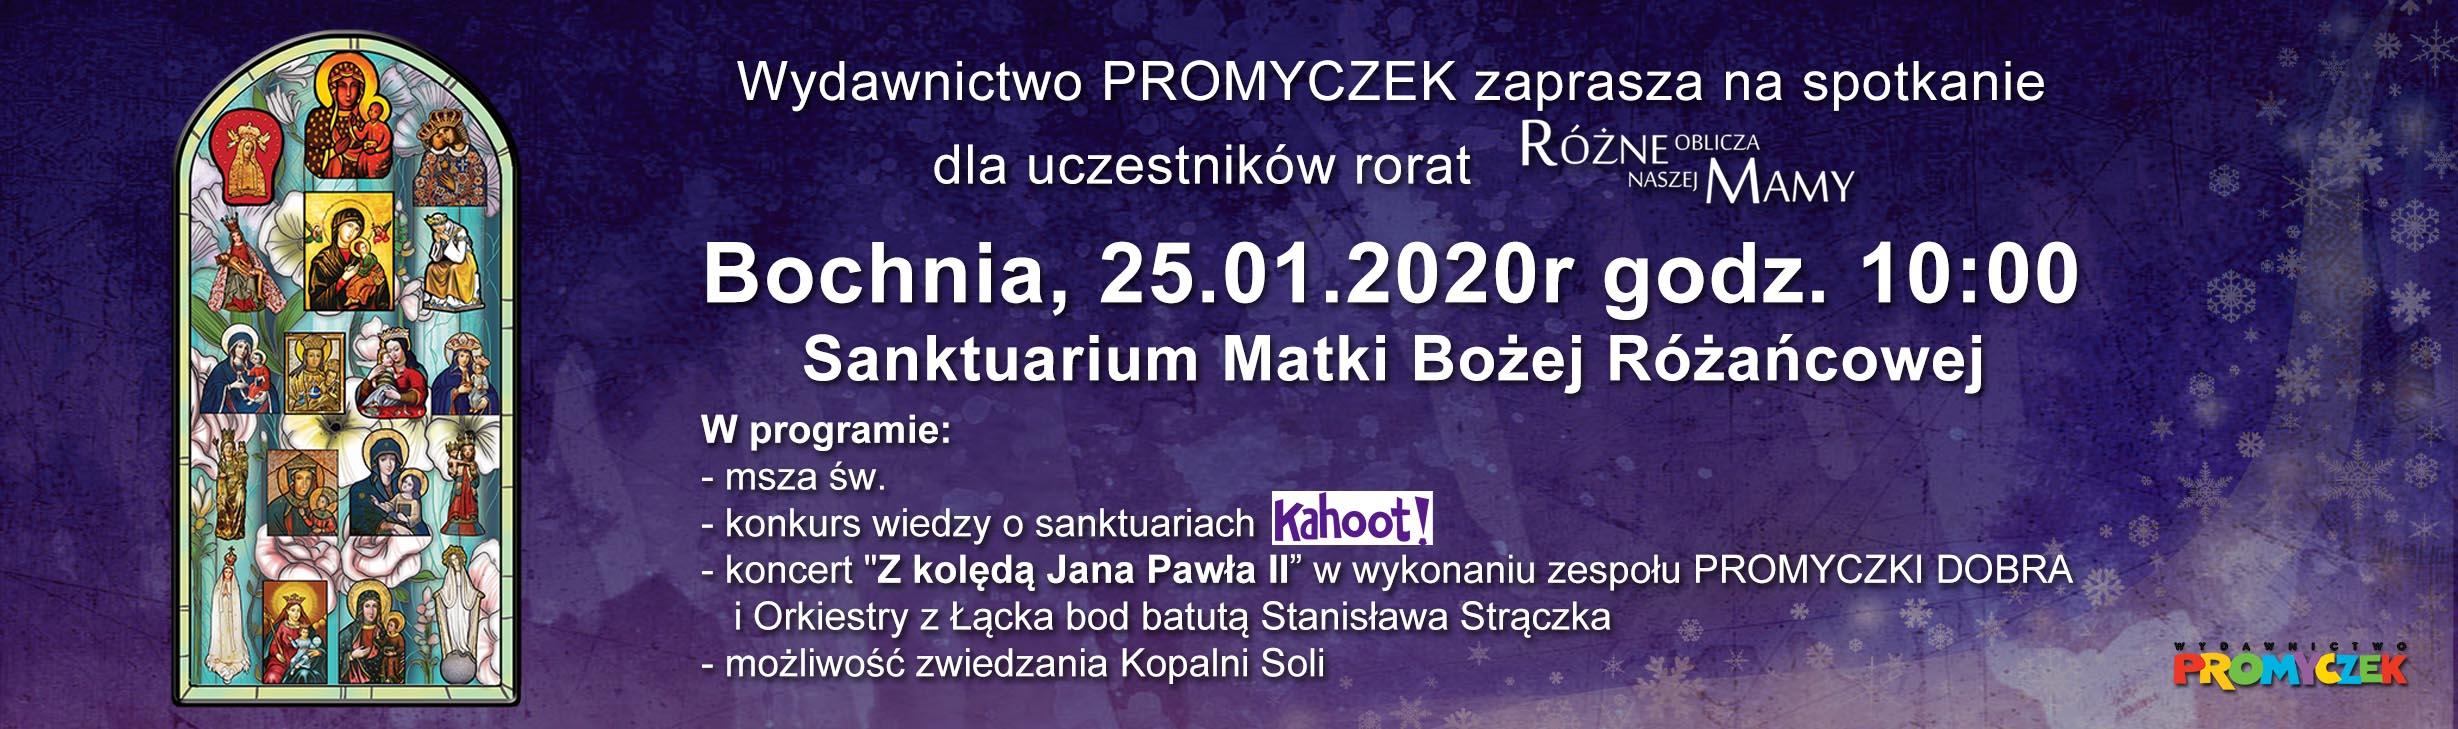 Spotkanie w Bochni